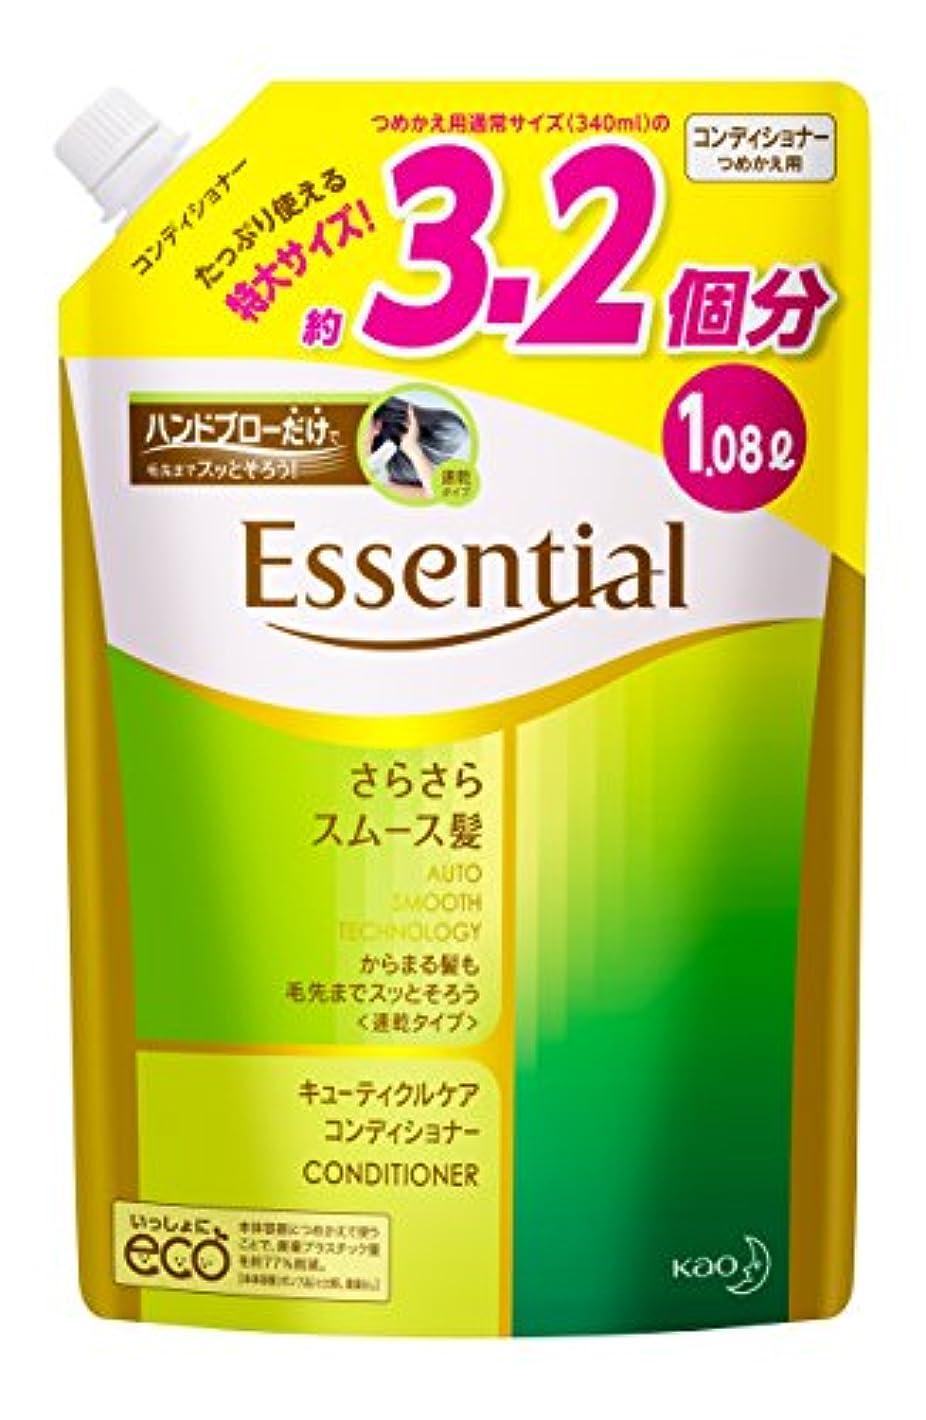 擁する多分いわゆる【大容量】エッセンシャル コンディショナー さらさらスムース髪 替1080ml/1080ml